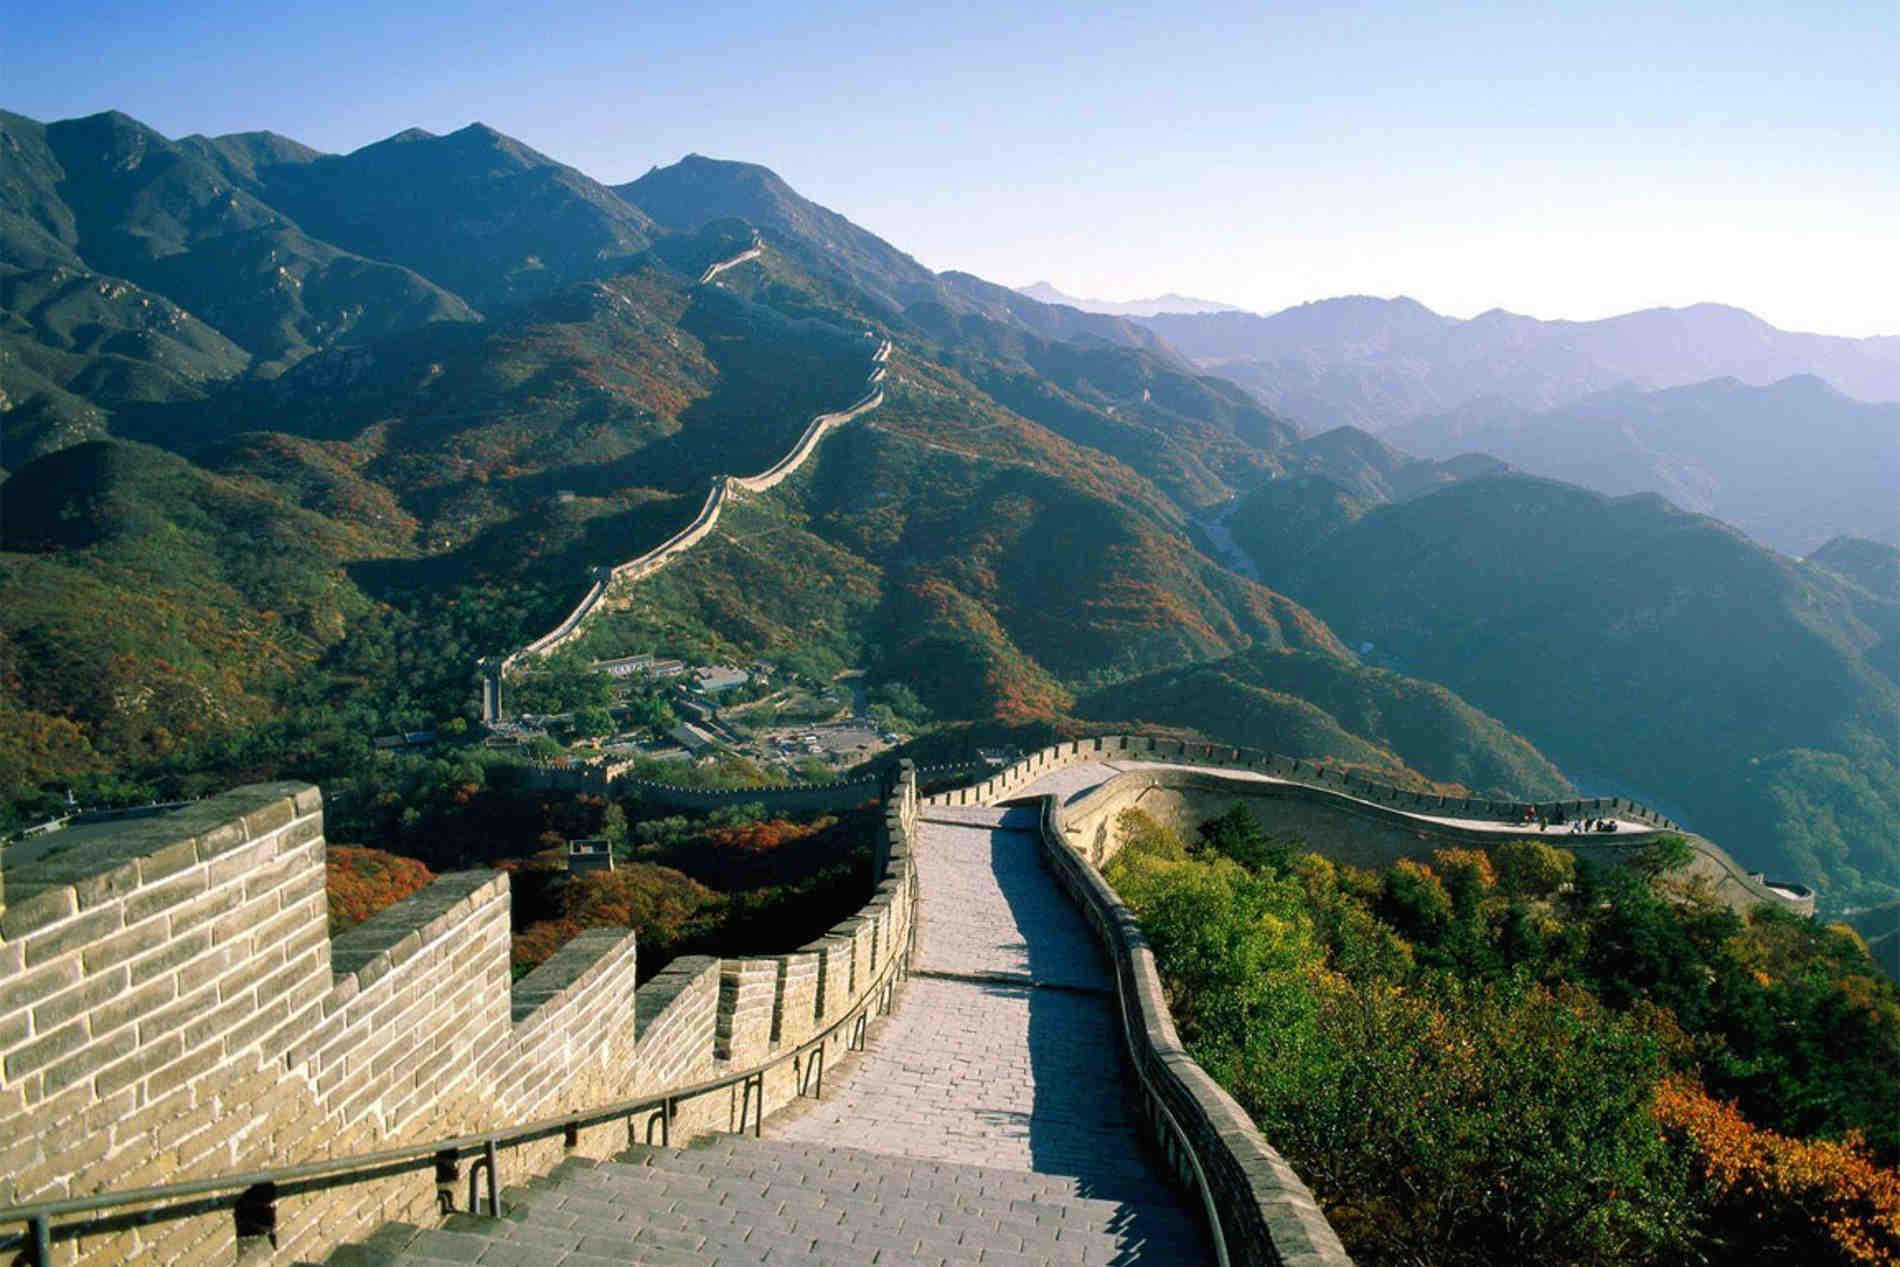 La grande muraglia cinese, una delle 7 meraviglie moderne da visitare on line